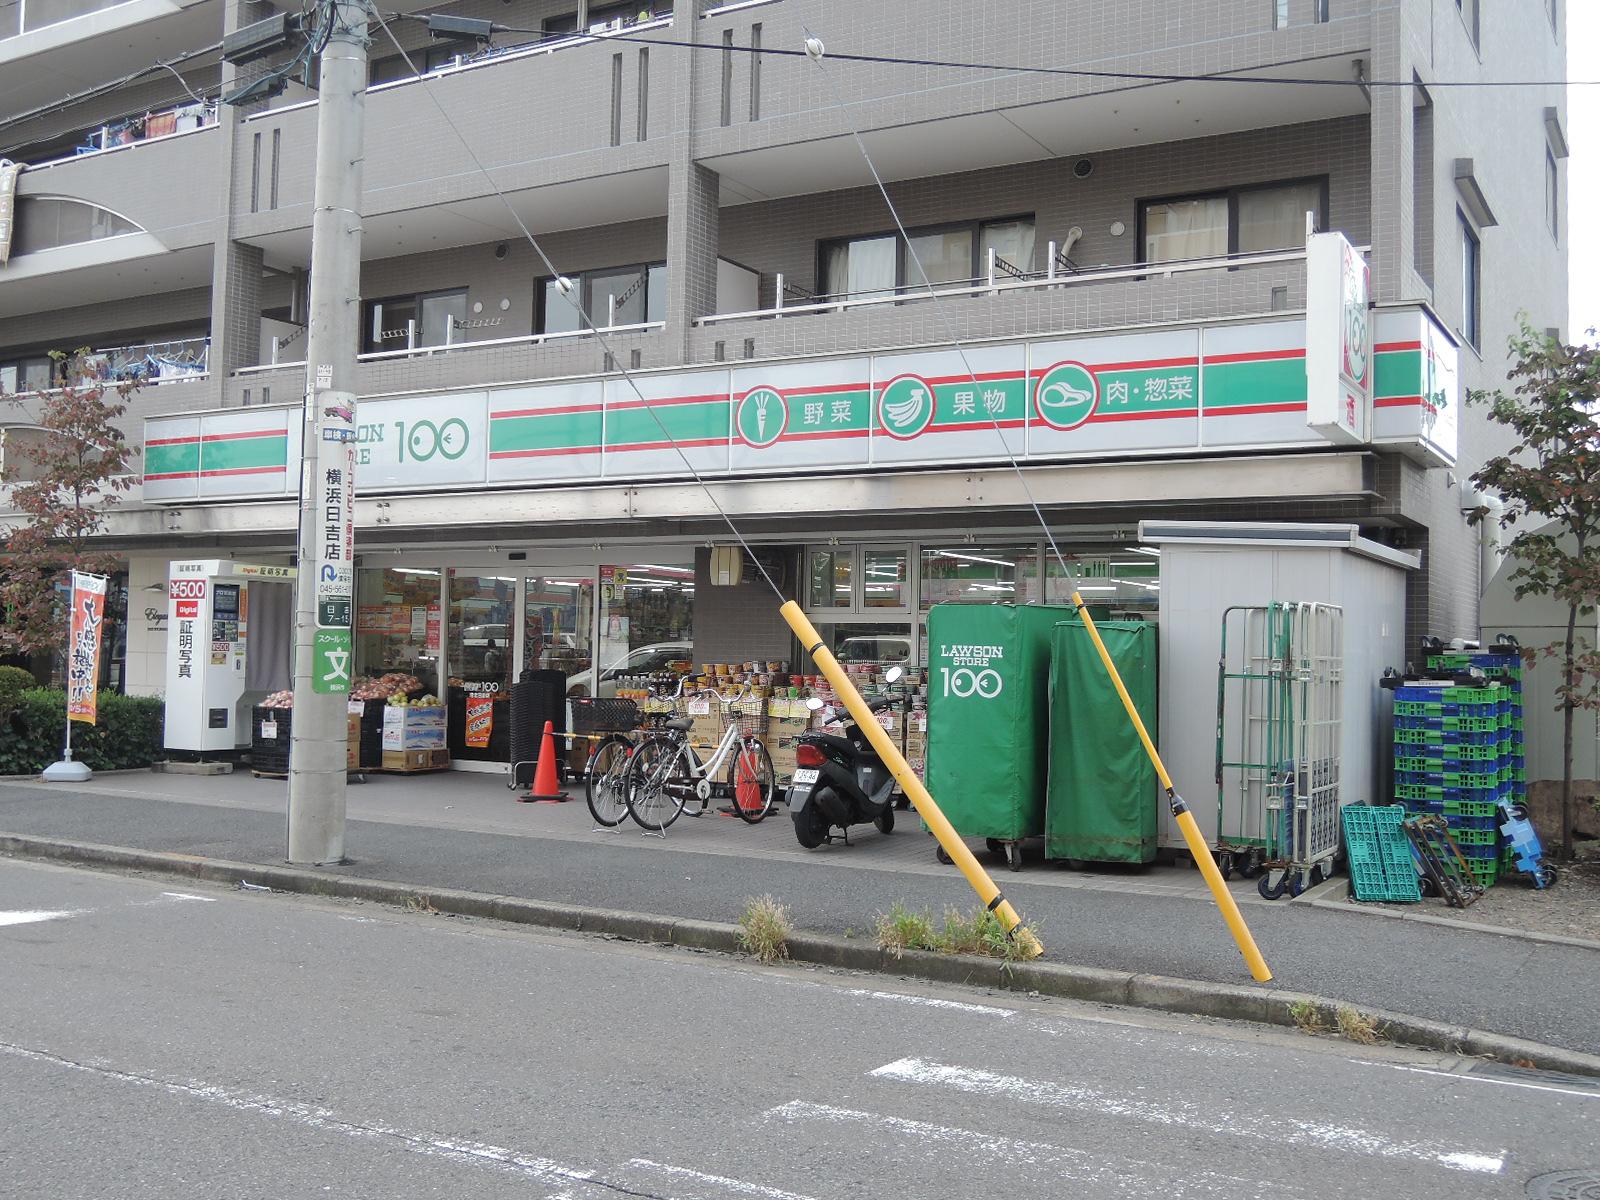 そのコンビニと道路を挟んだ向かい側にもお店があります